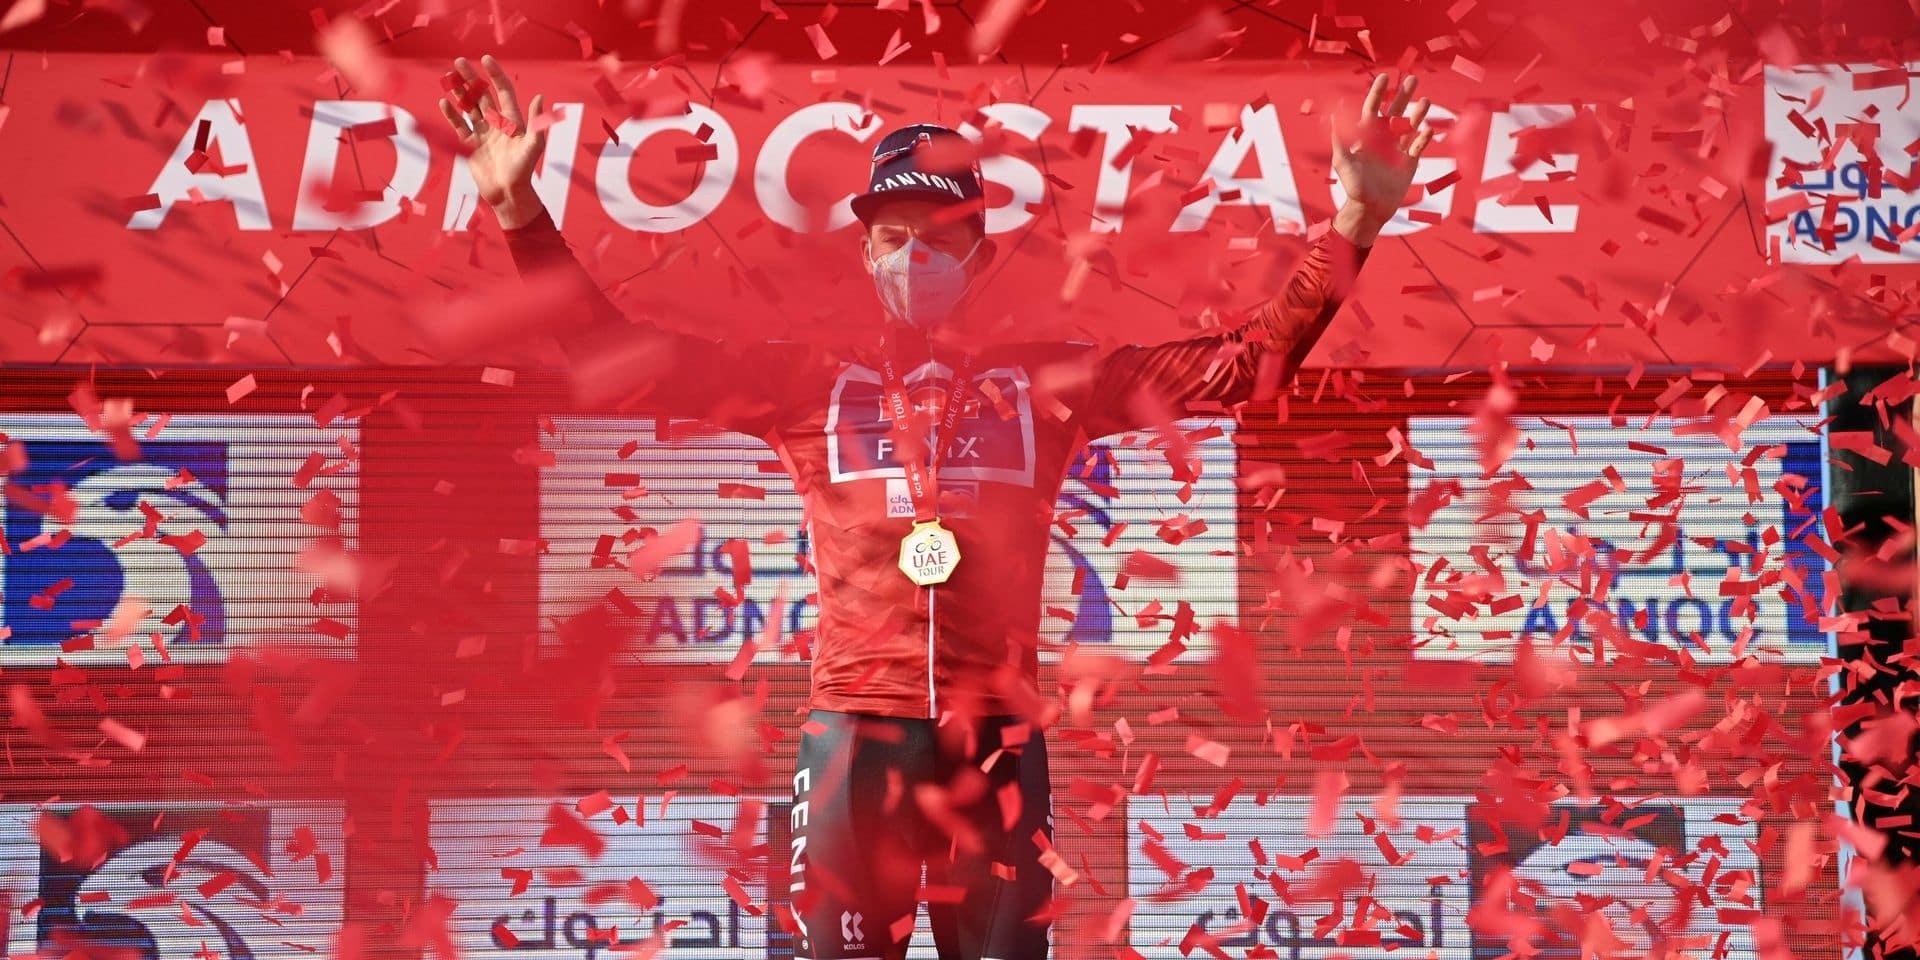 Tour des Emirats arabes unis: Van der Poel et son équipe quittent la course à cause d'un cas Covid !